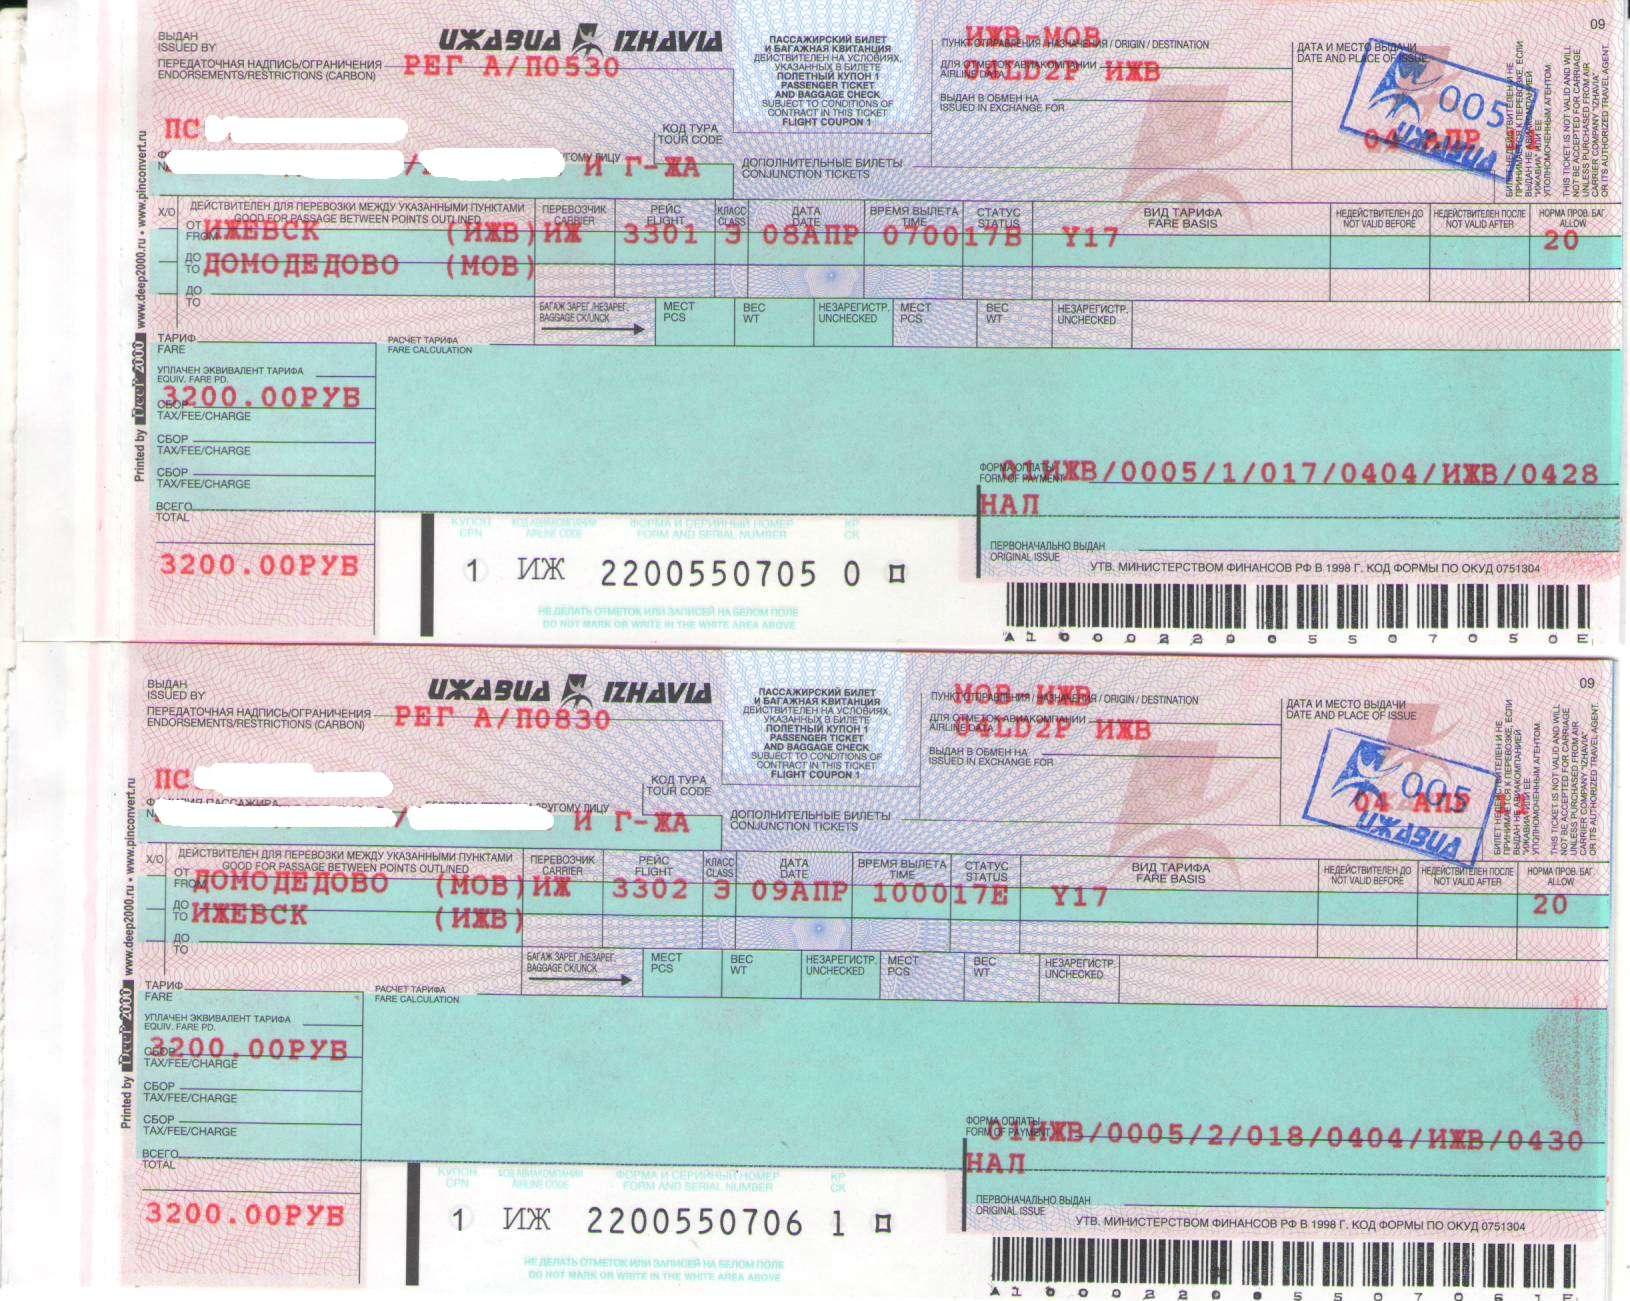 работу за сколько дней можно купить авиобилет по впд Казань